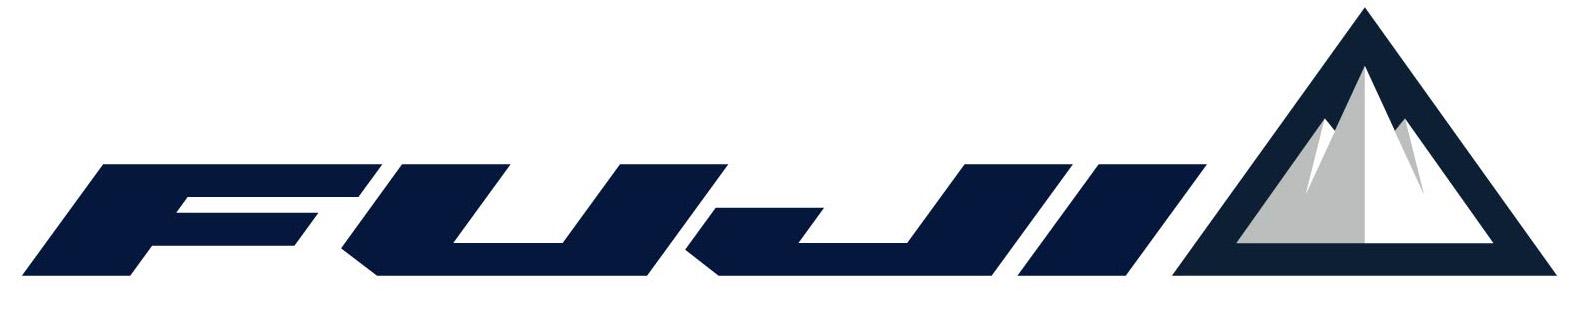 Fuji_logo.jpg